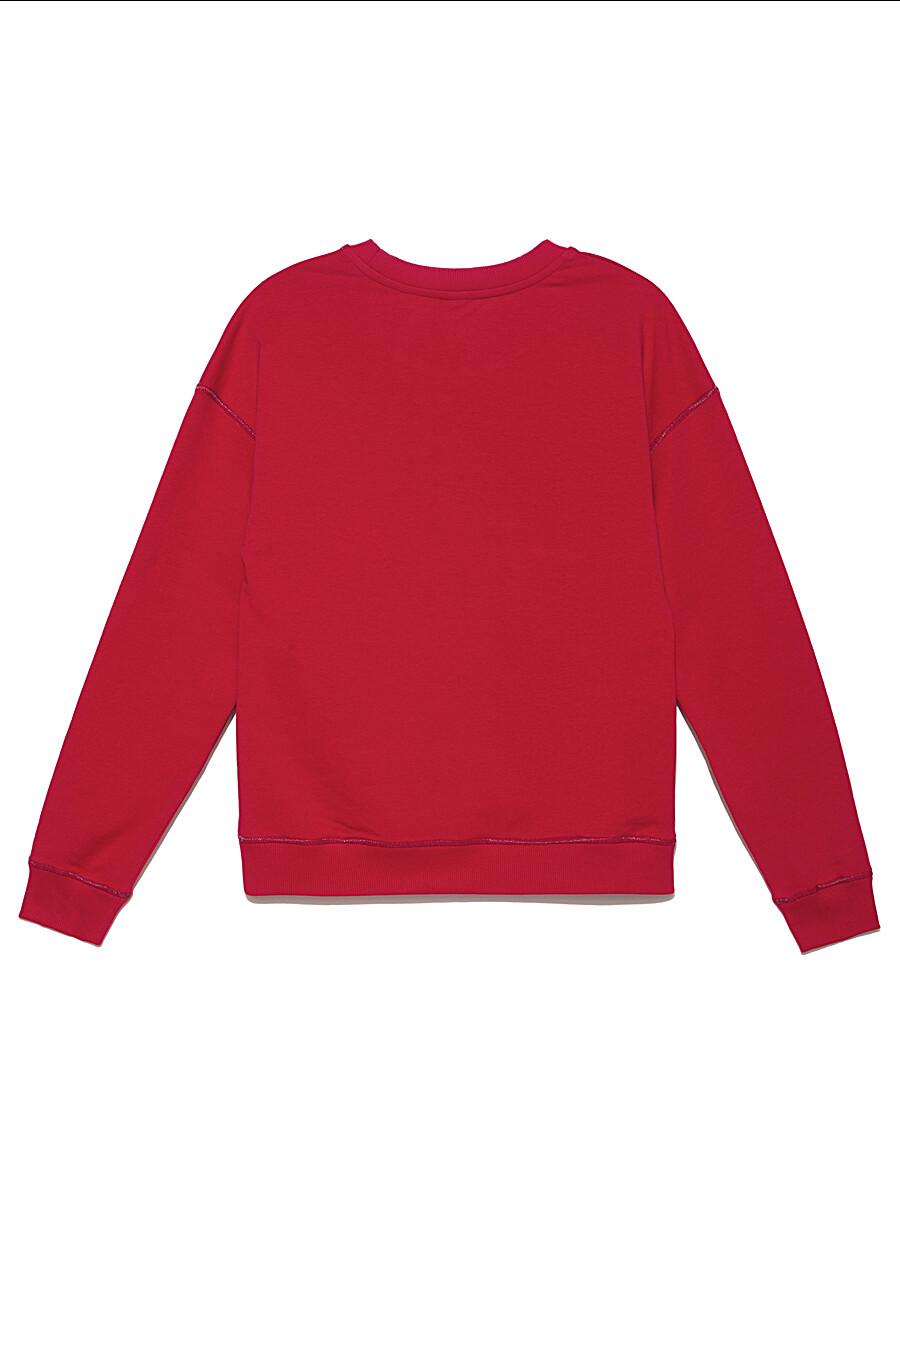 Джемпер для женщин CONTE ELEGANT 148641 купить оптом от производителя. Совместная покупка женской одежды в OptMoyo